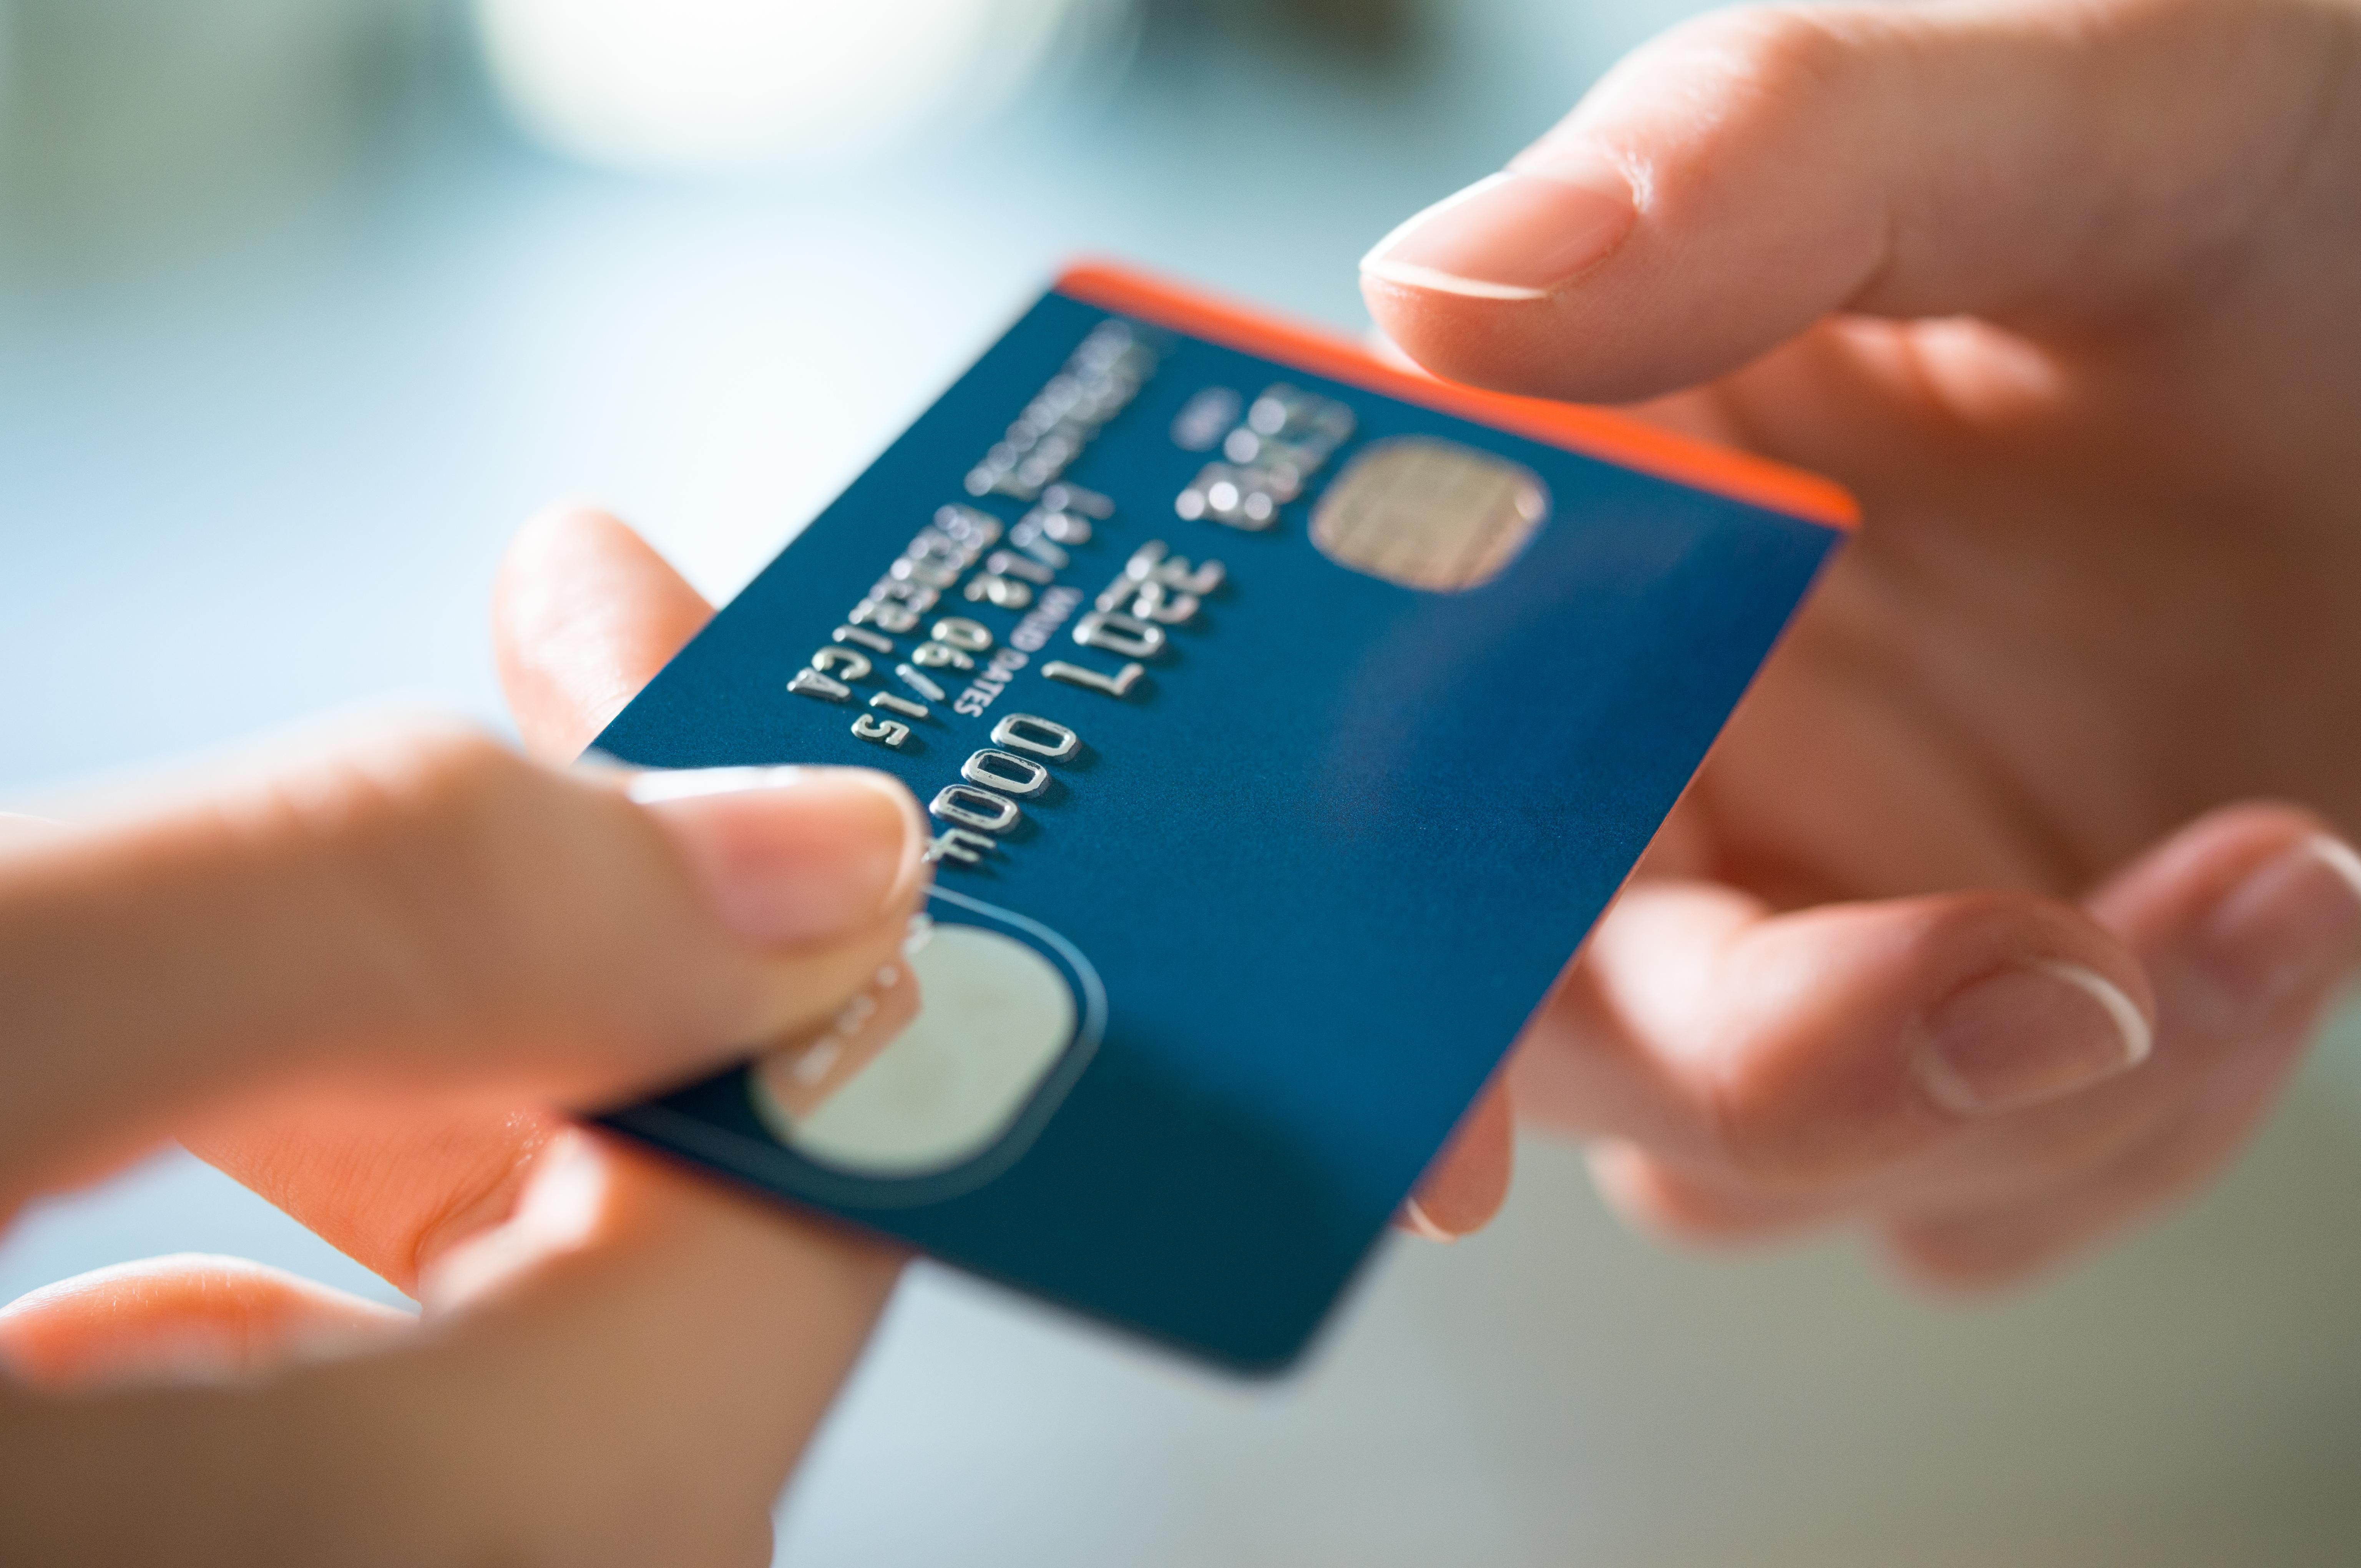 都在注销广发信用卡,要不要跟风?